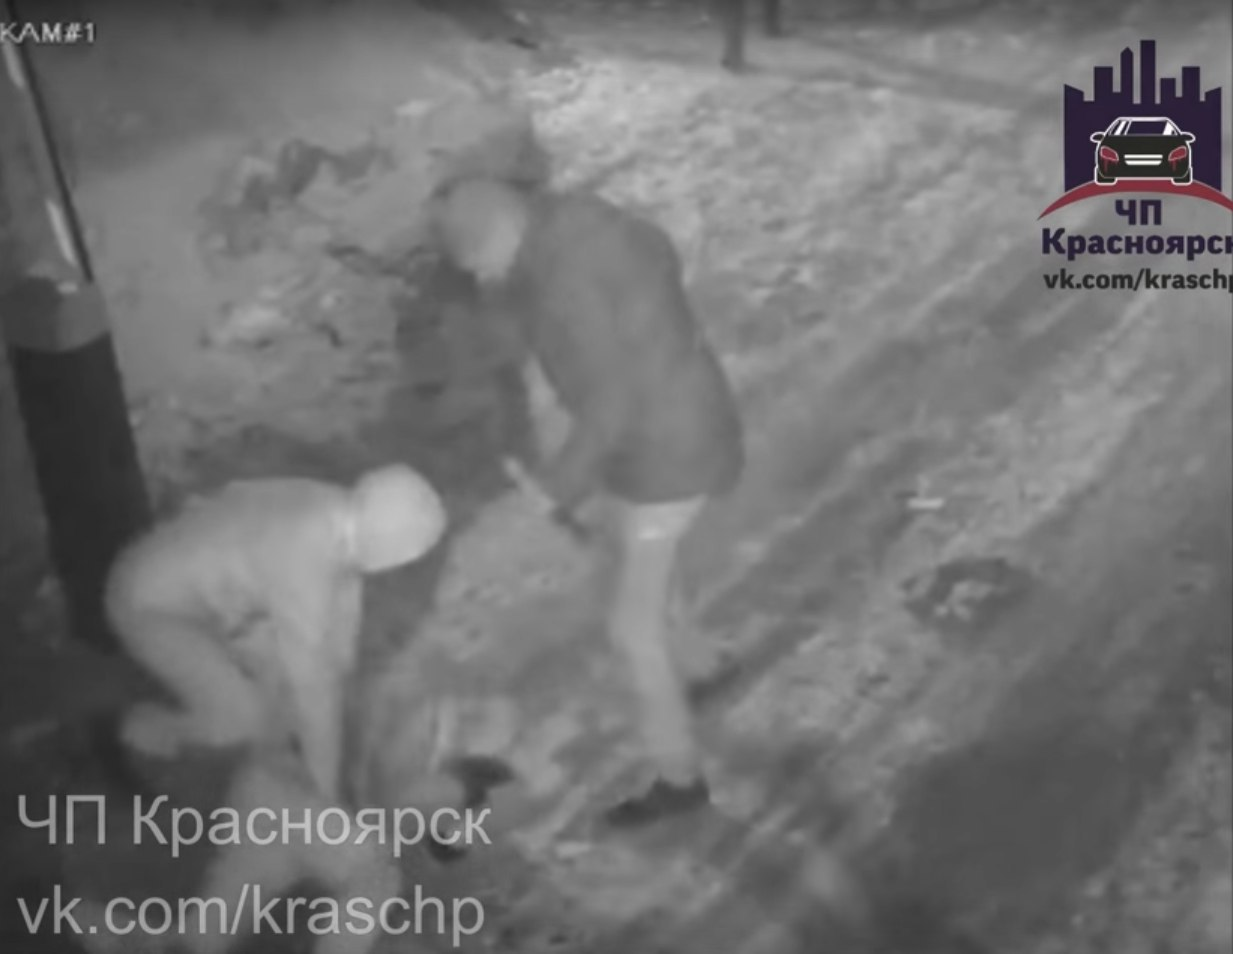 ВКрасноярске молодого человека трое безжалостно избили битами